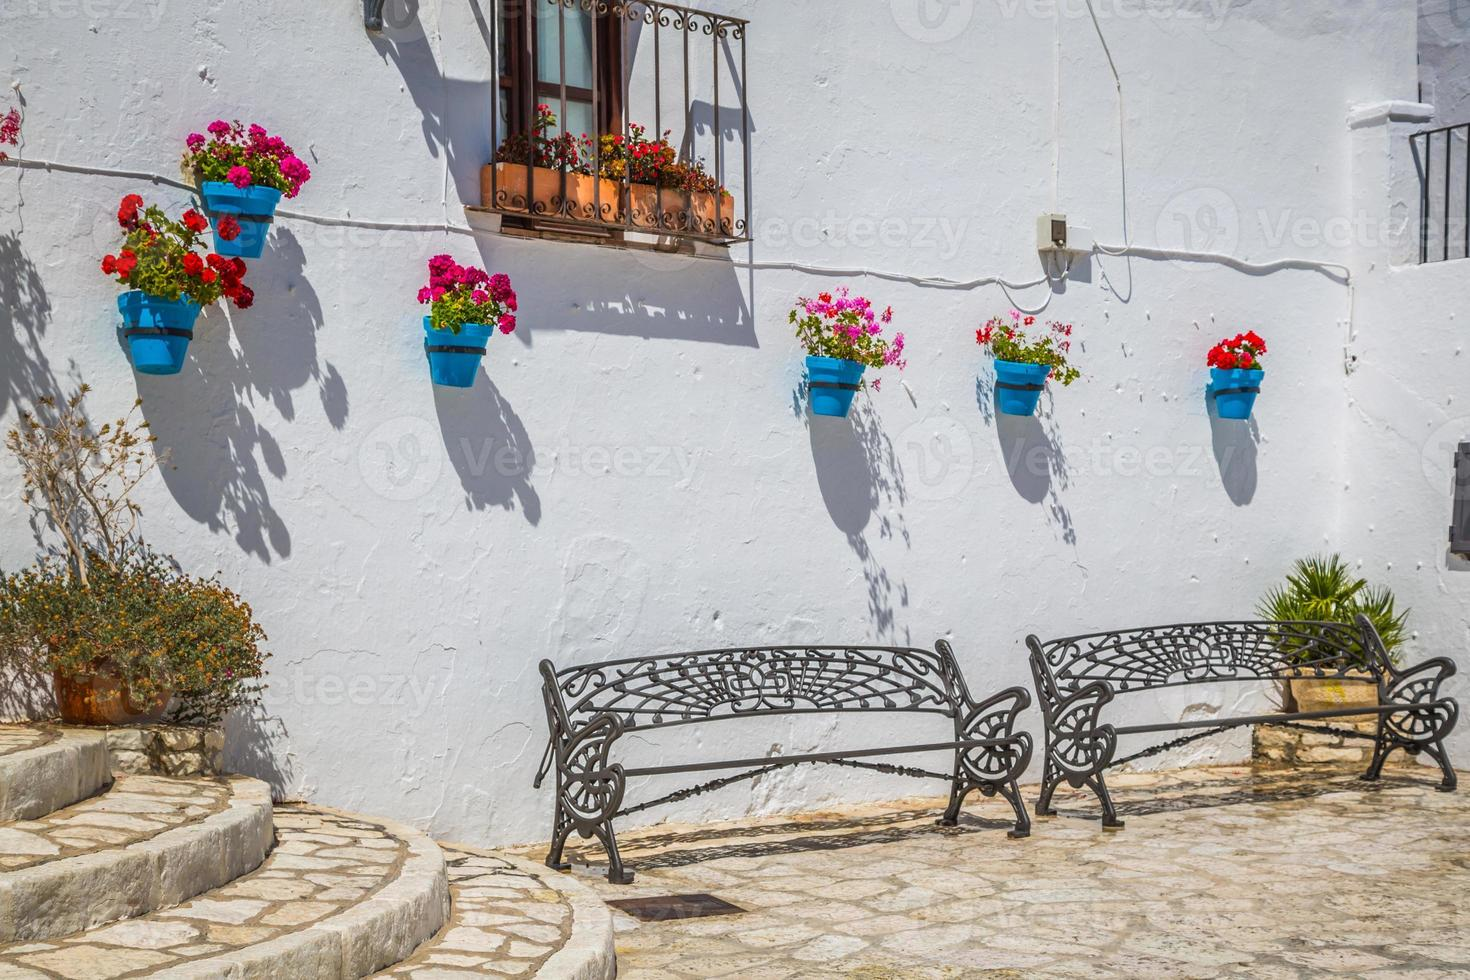 malerische Straße von Mijas mit Blumentöpfen in Fassaden. andalus foto